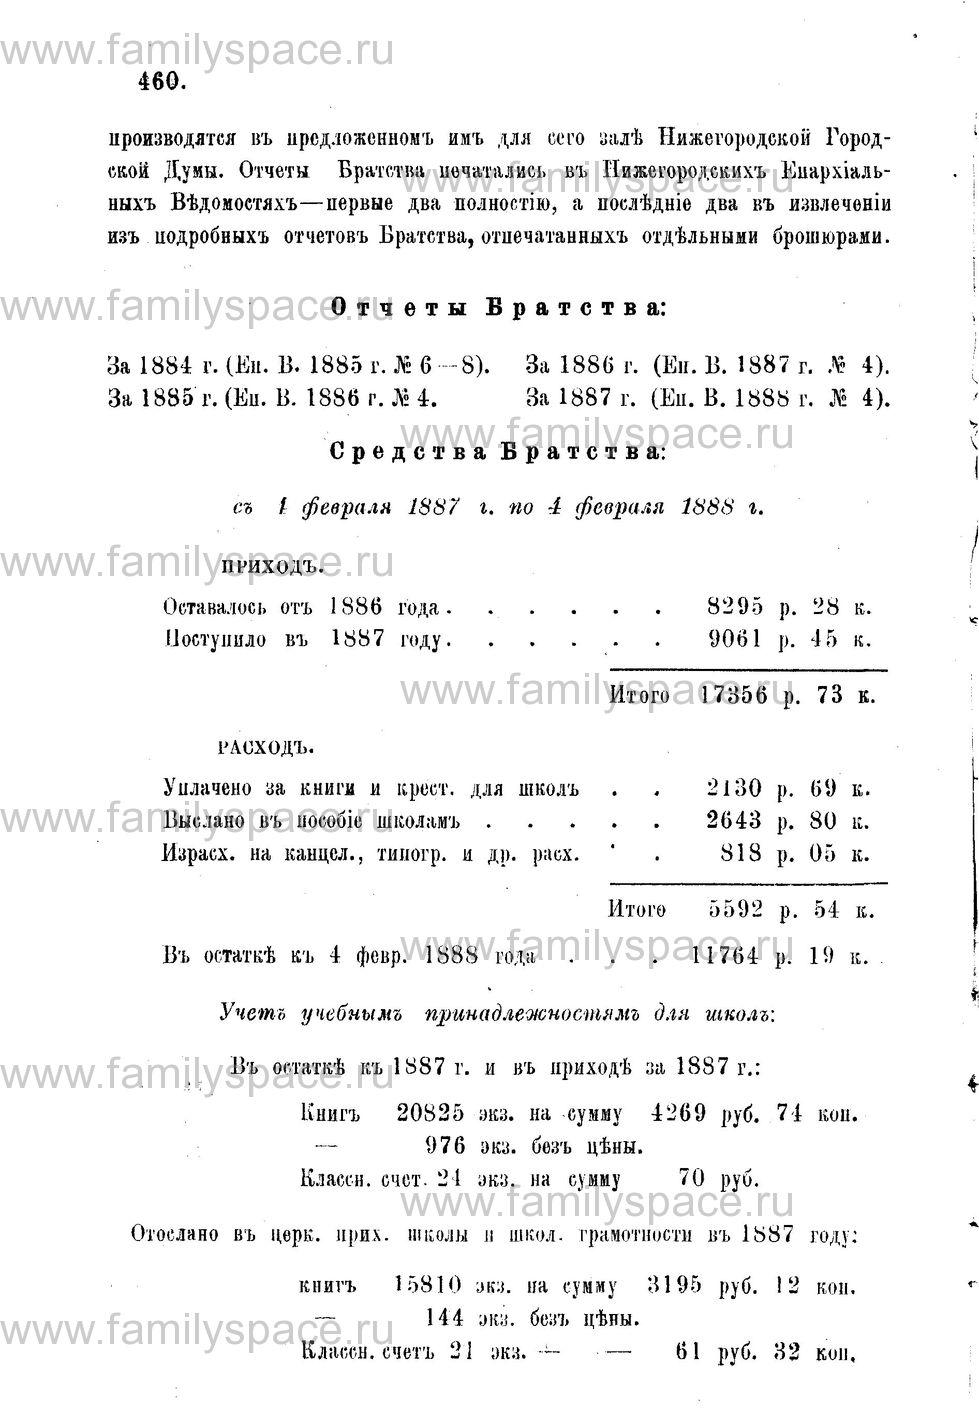 Поиск по фамилии - Адрес-календарь Нижегородской епархии на 1888 год, страница 1460